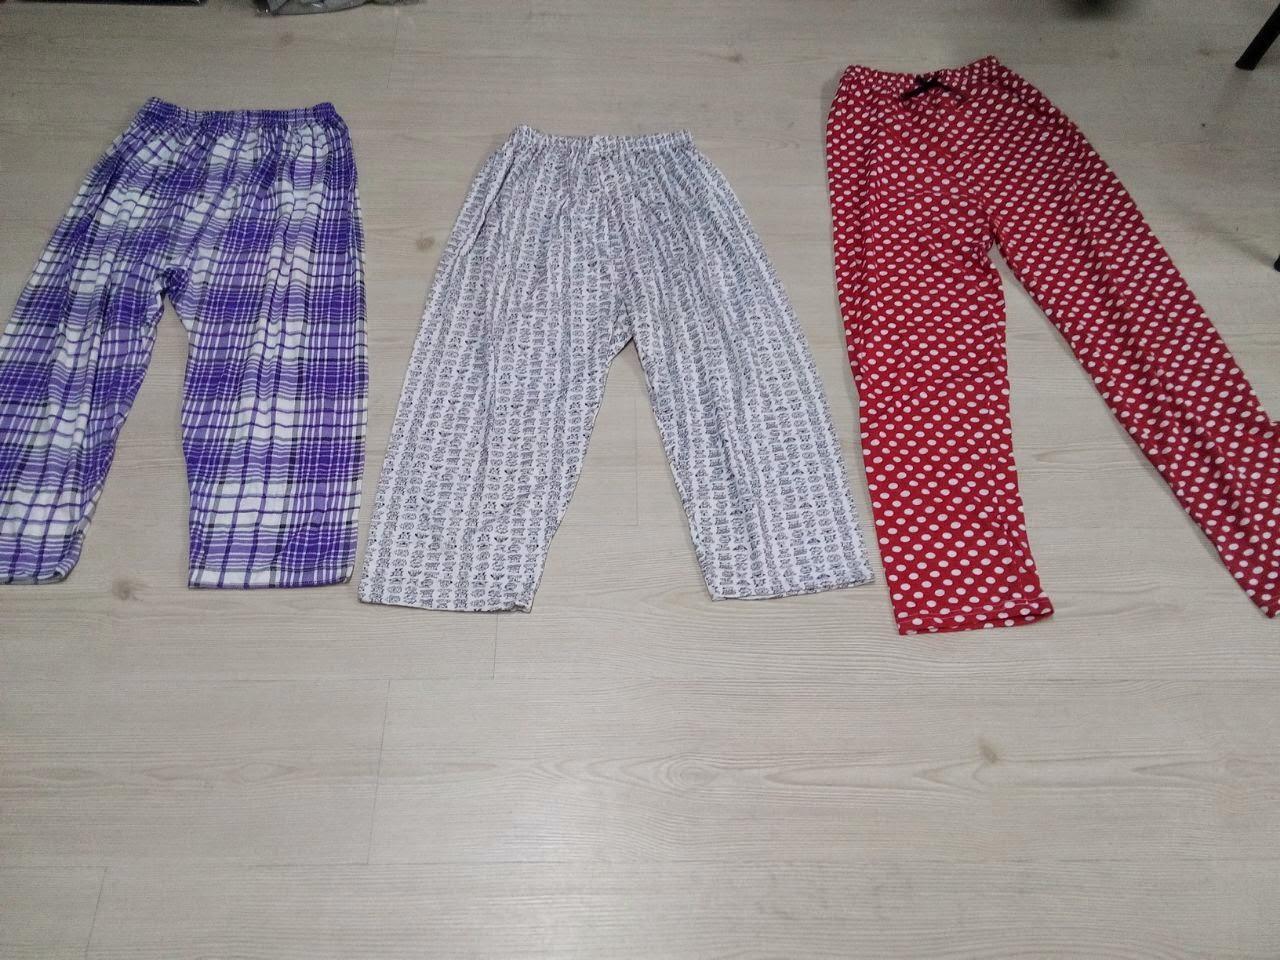 çocuk erkek bayan pijama alt eşofman altı kışlık giyim ürünleri imalatı yapan firmalar